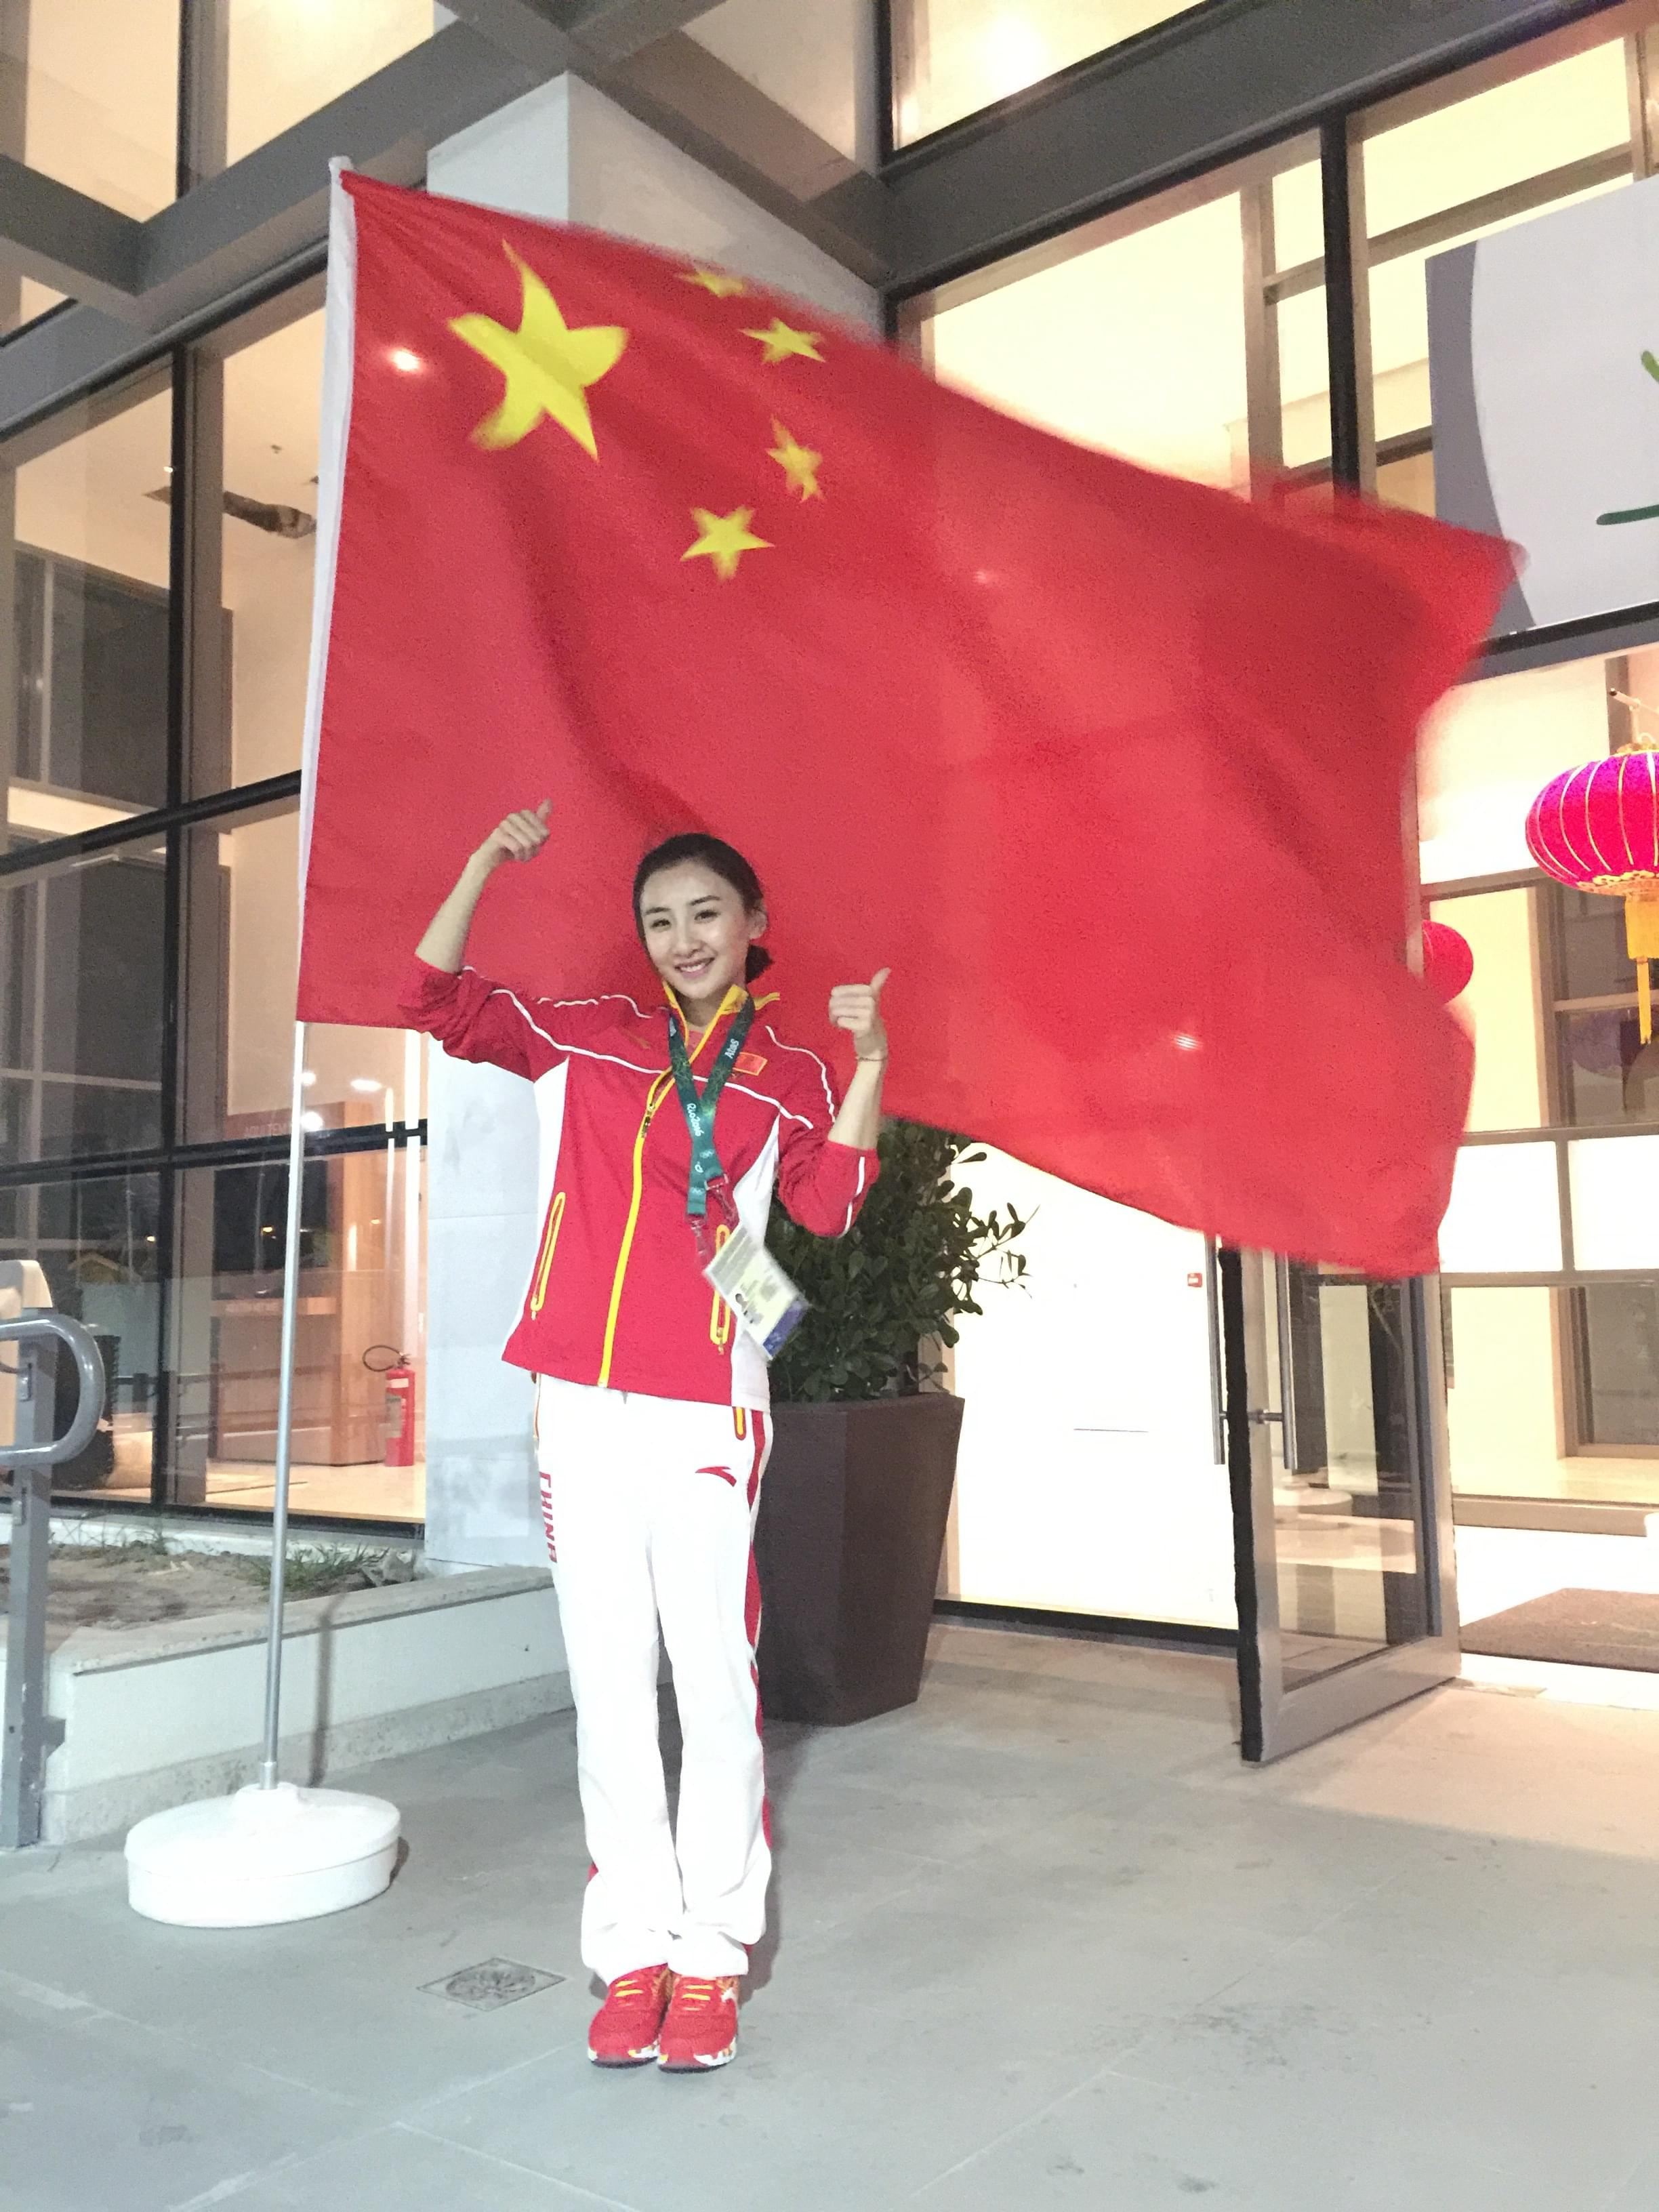 蹦床公主何雯娜退役:人不可能总活在过去